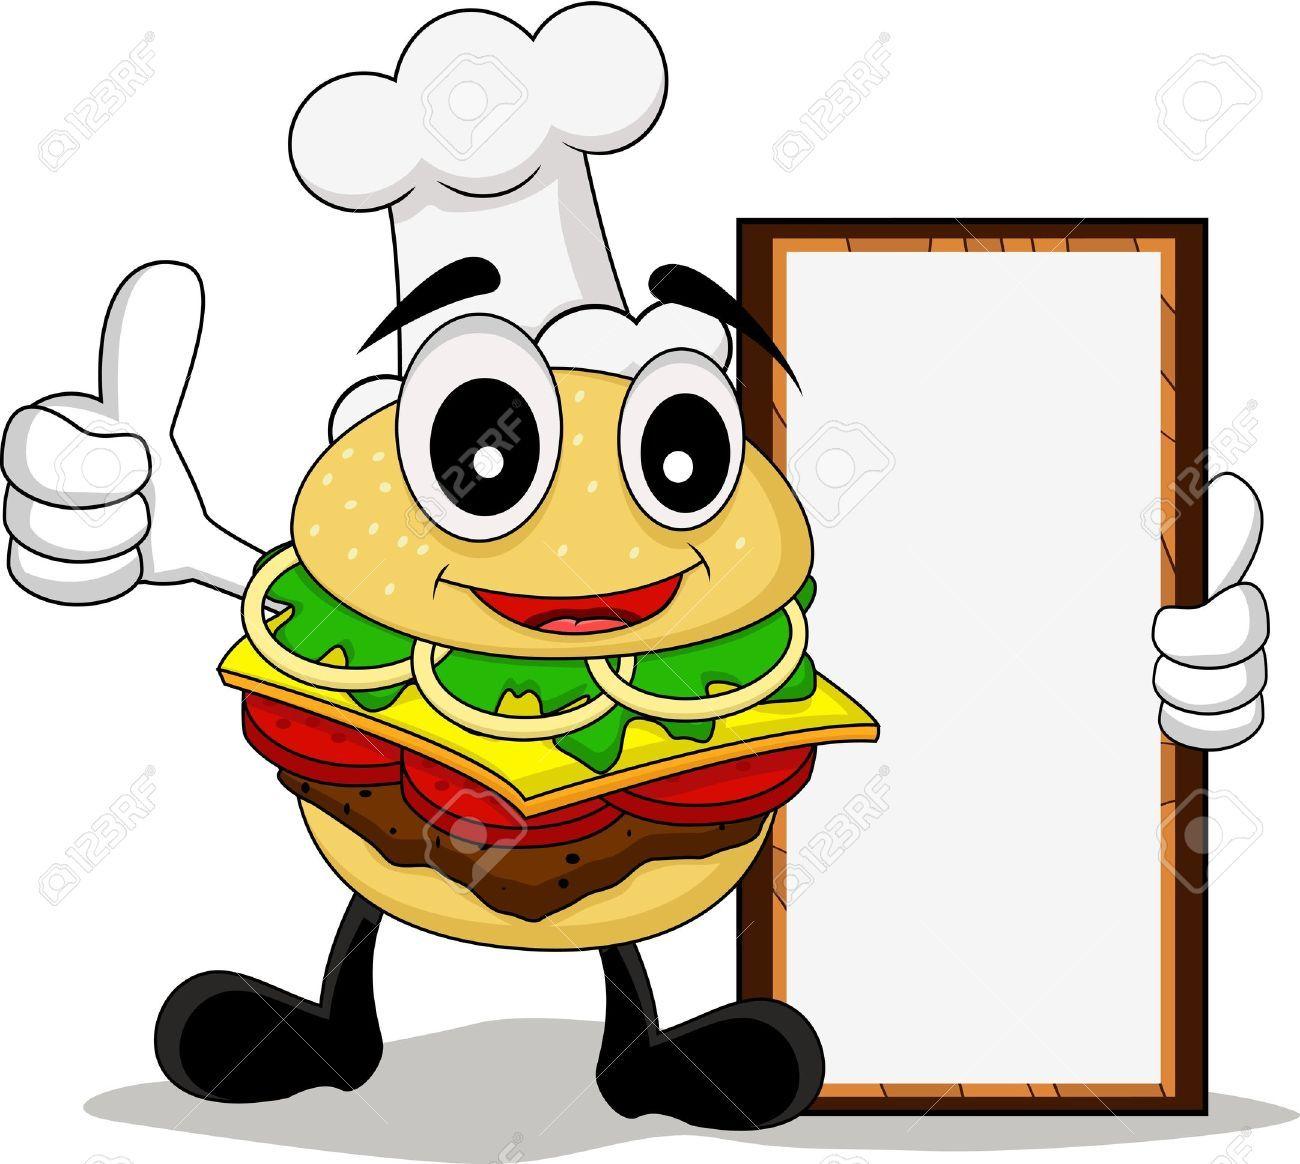 Resultado de imagen para imagenes de hamburguesas de caricatura